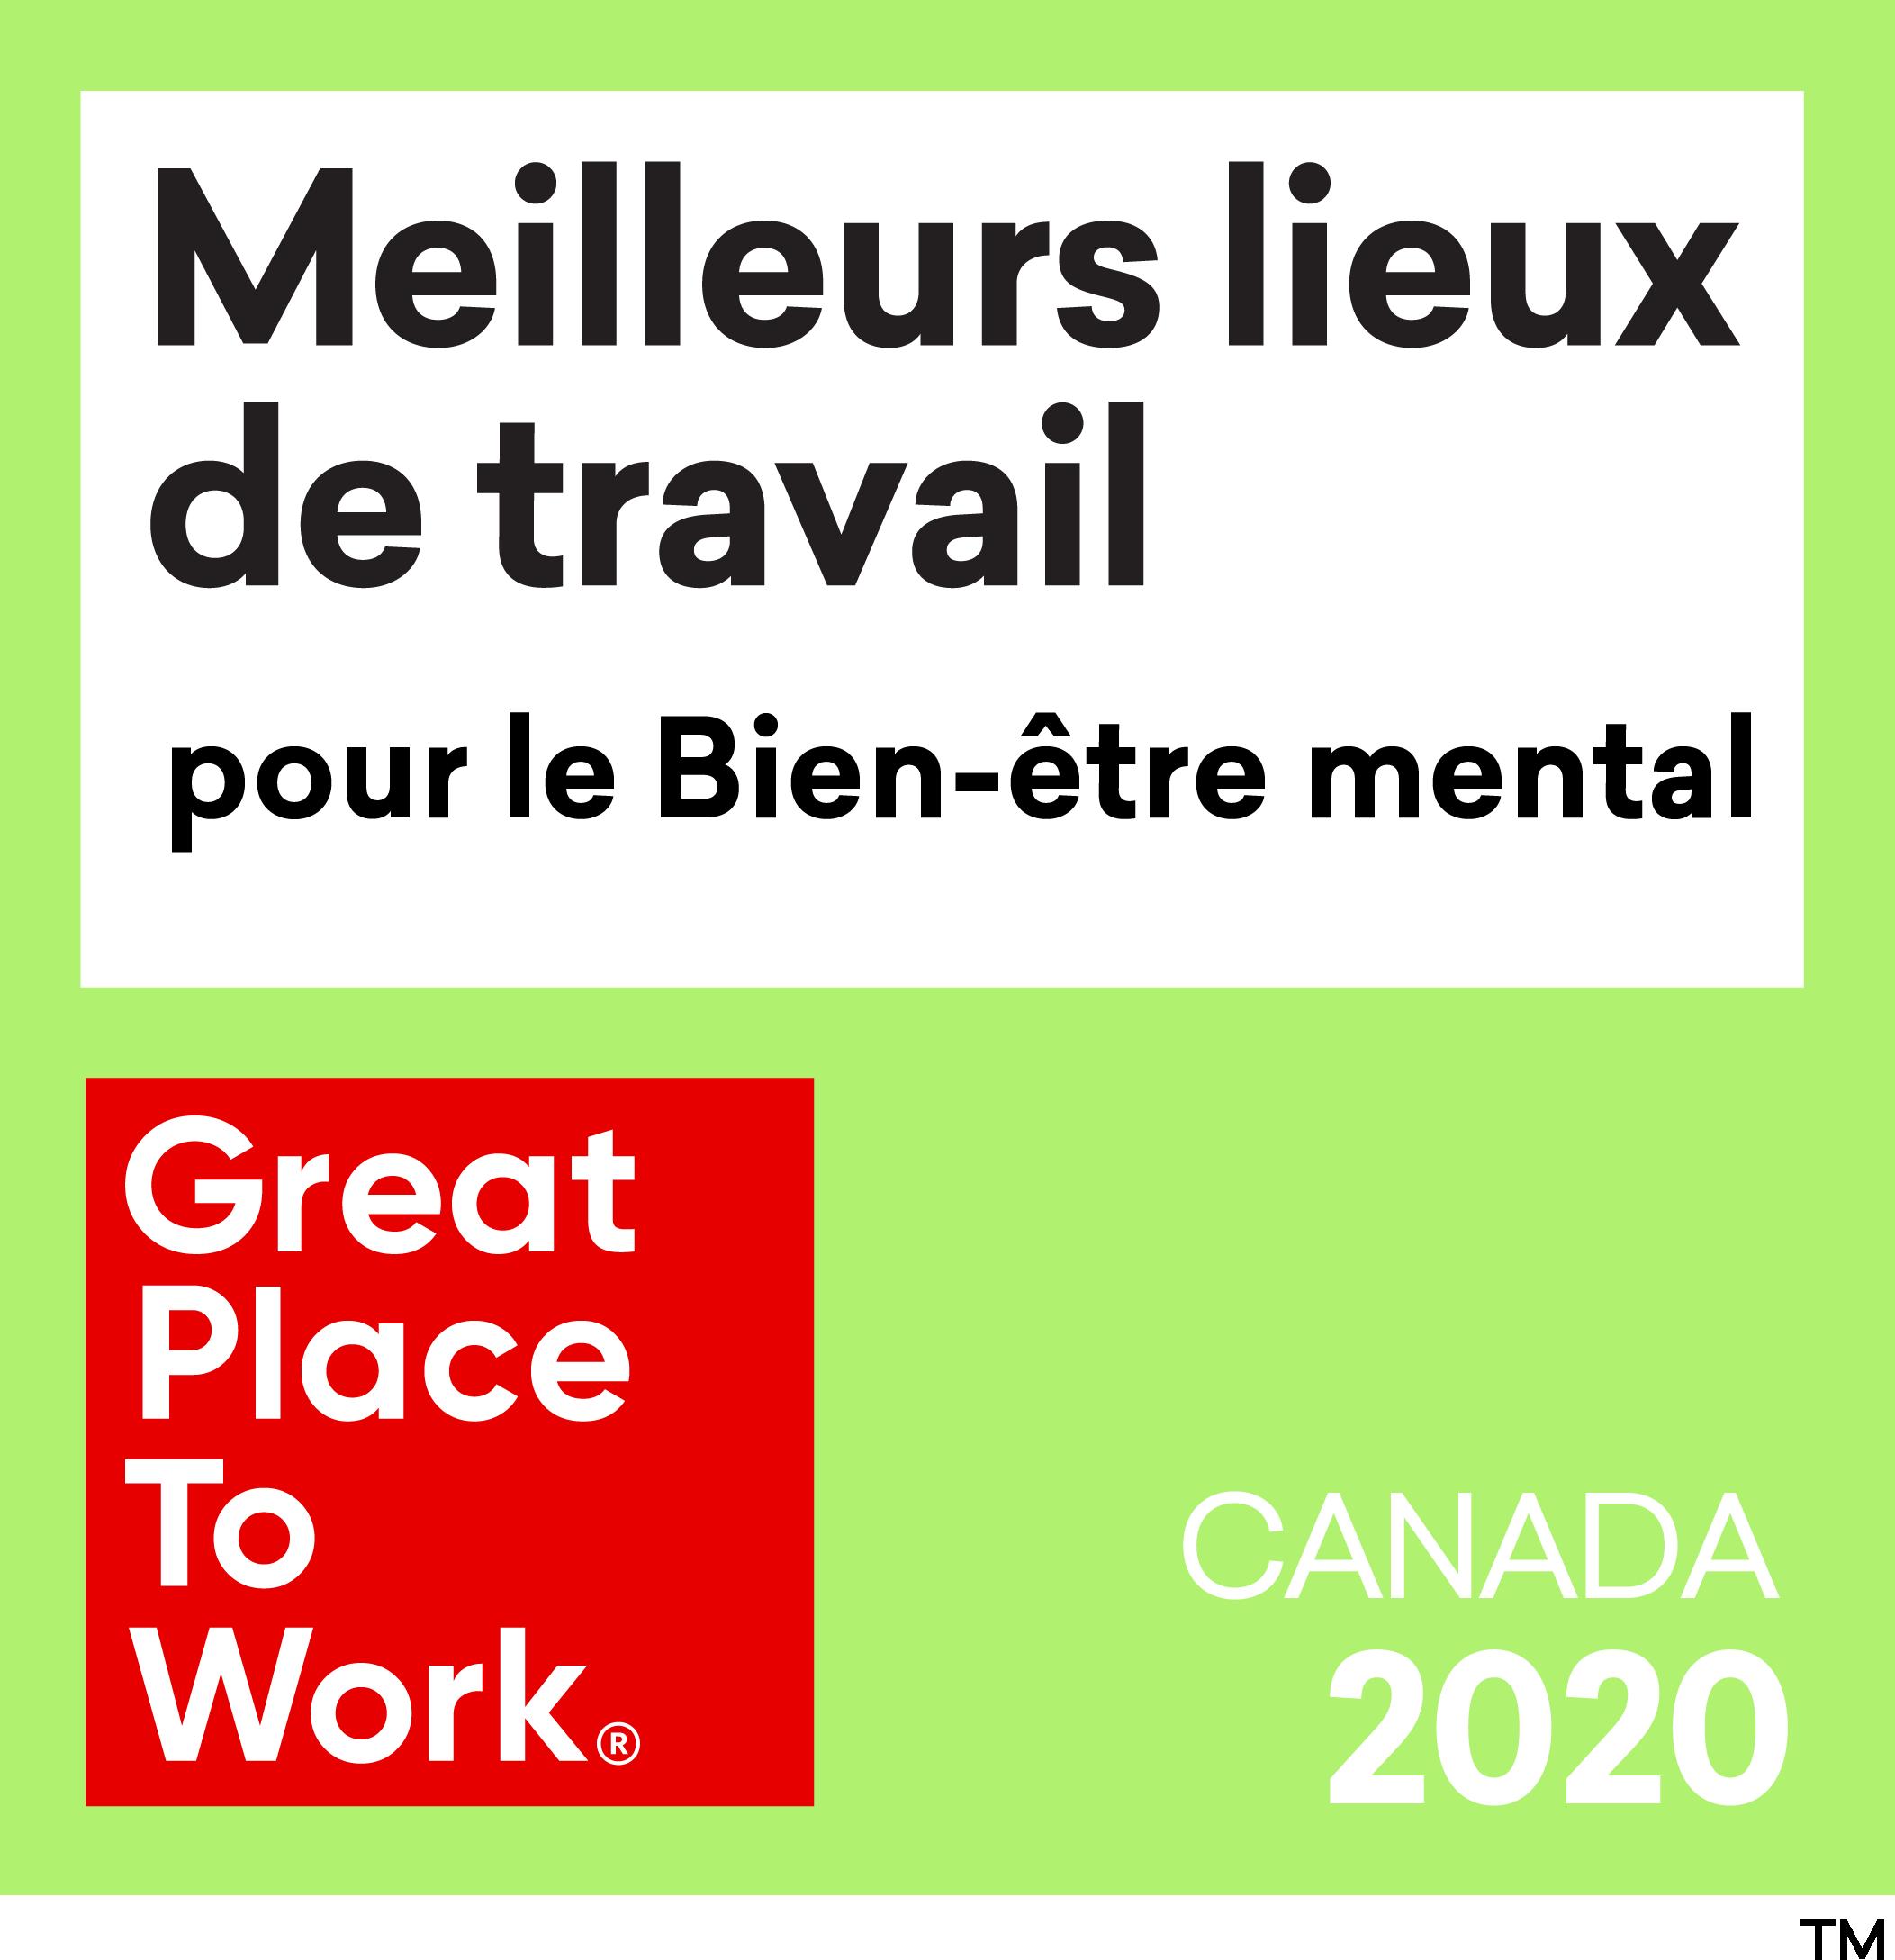 Meilleurs Lieux de Travail pour le Bien-être mental. Great Place To Work. Canada 2020.